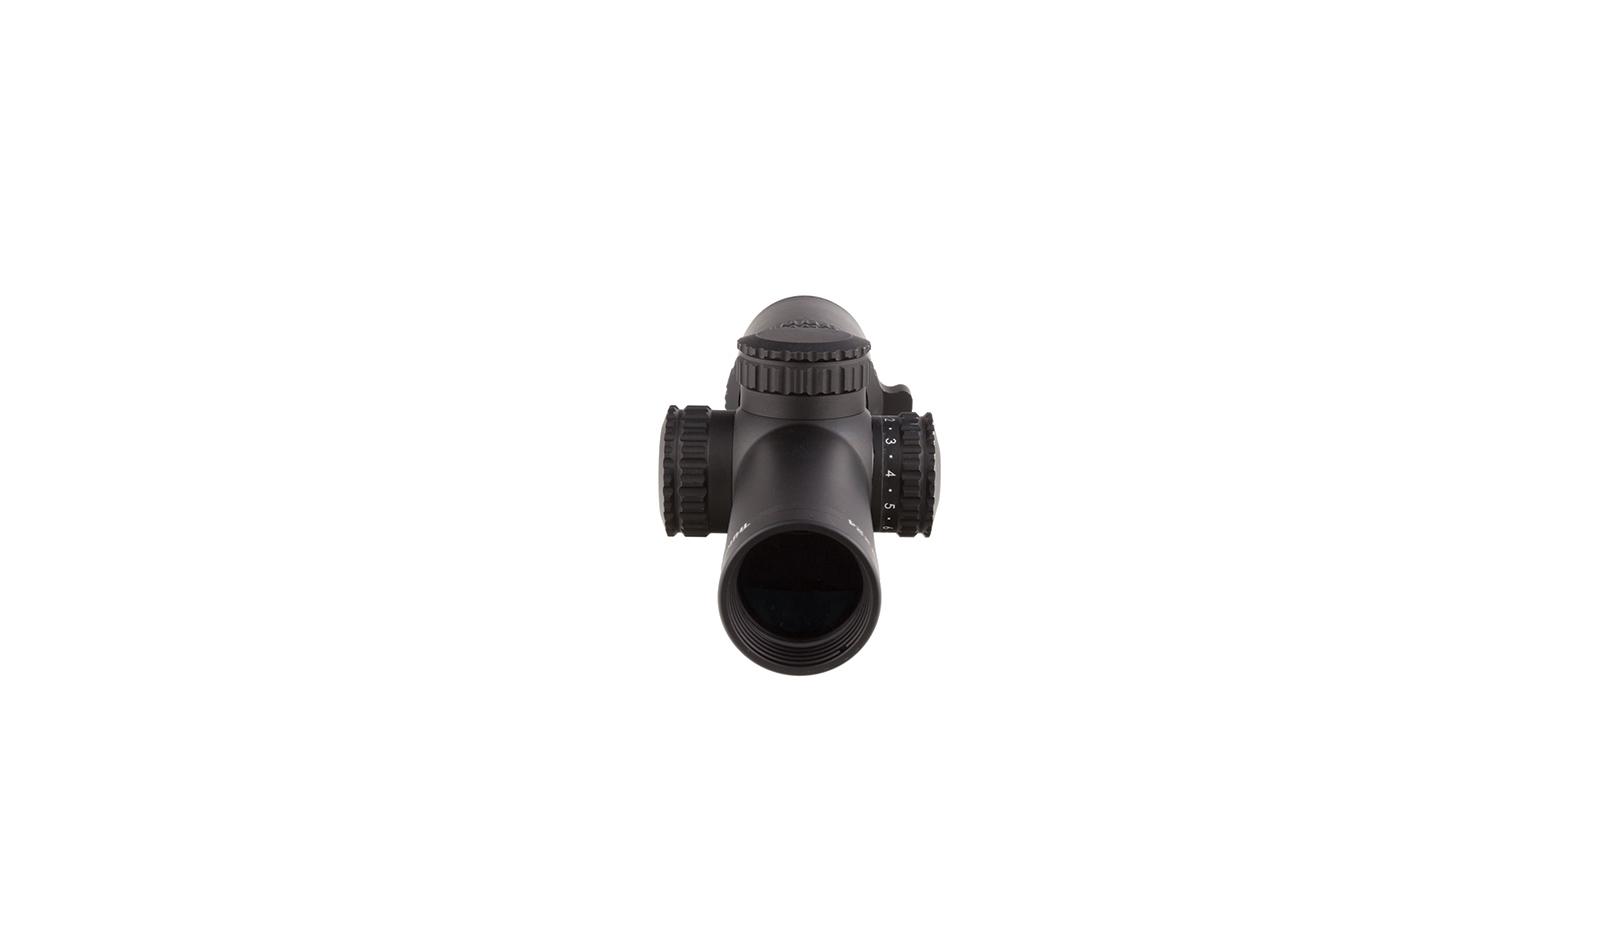 RS24-C-1900004 angle 8